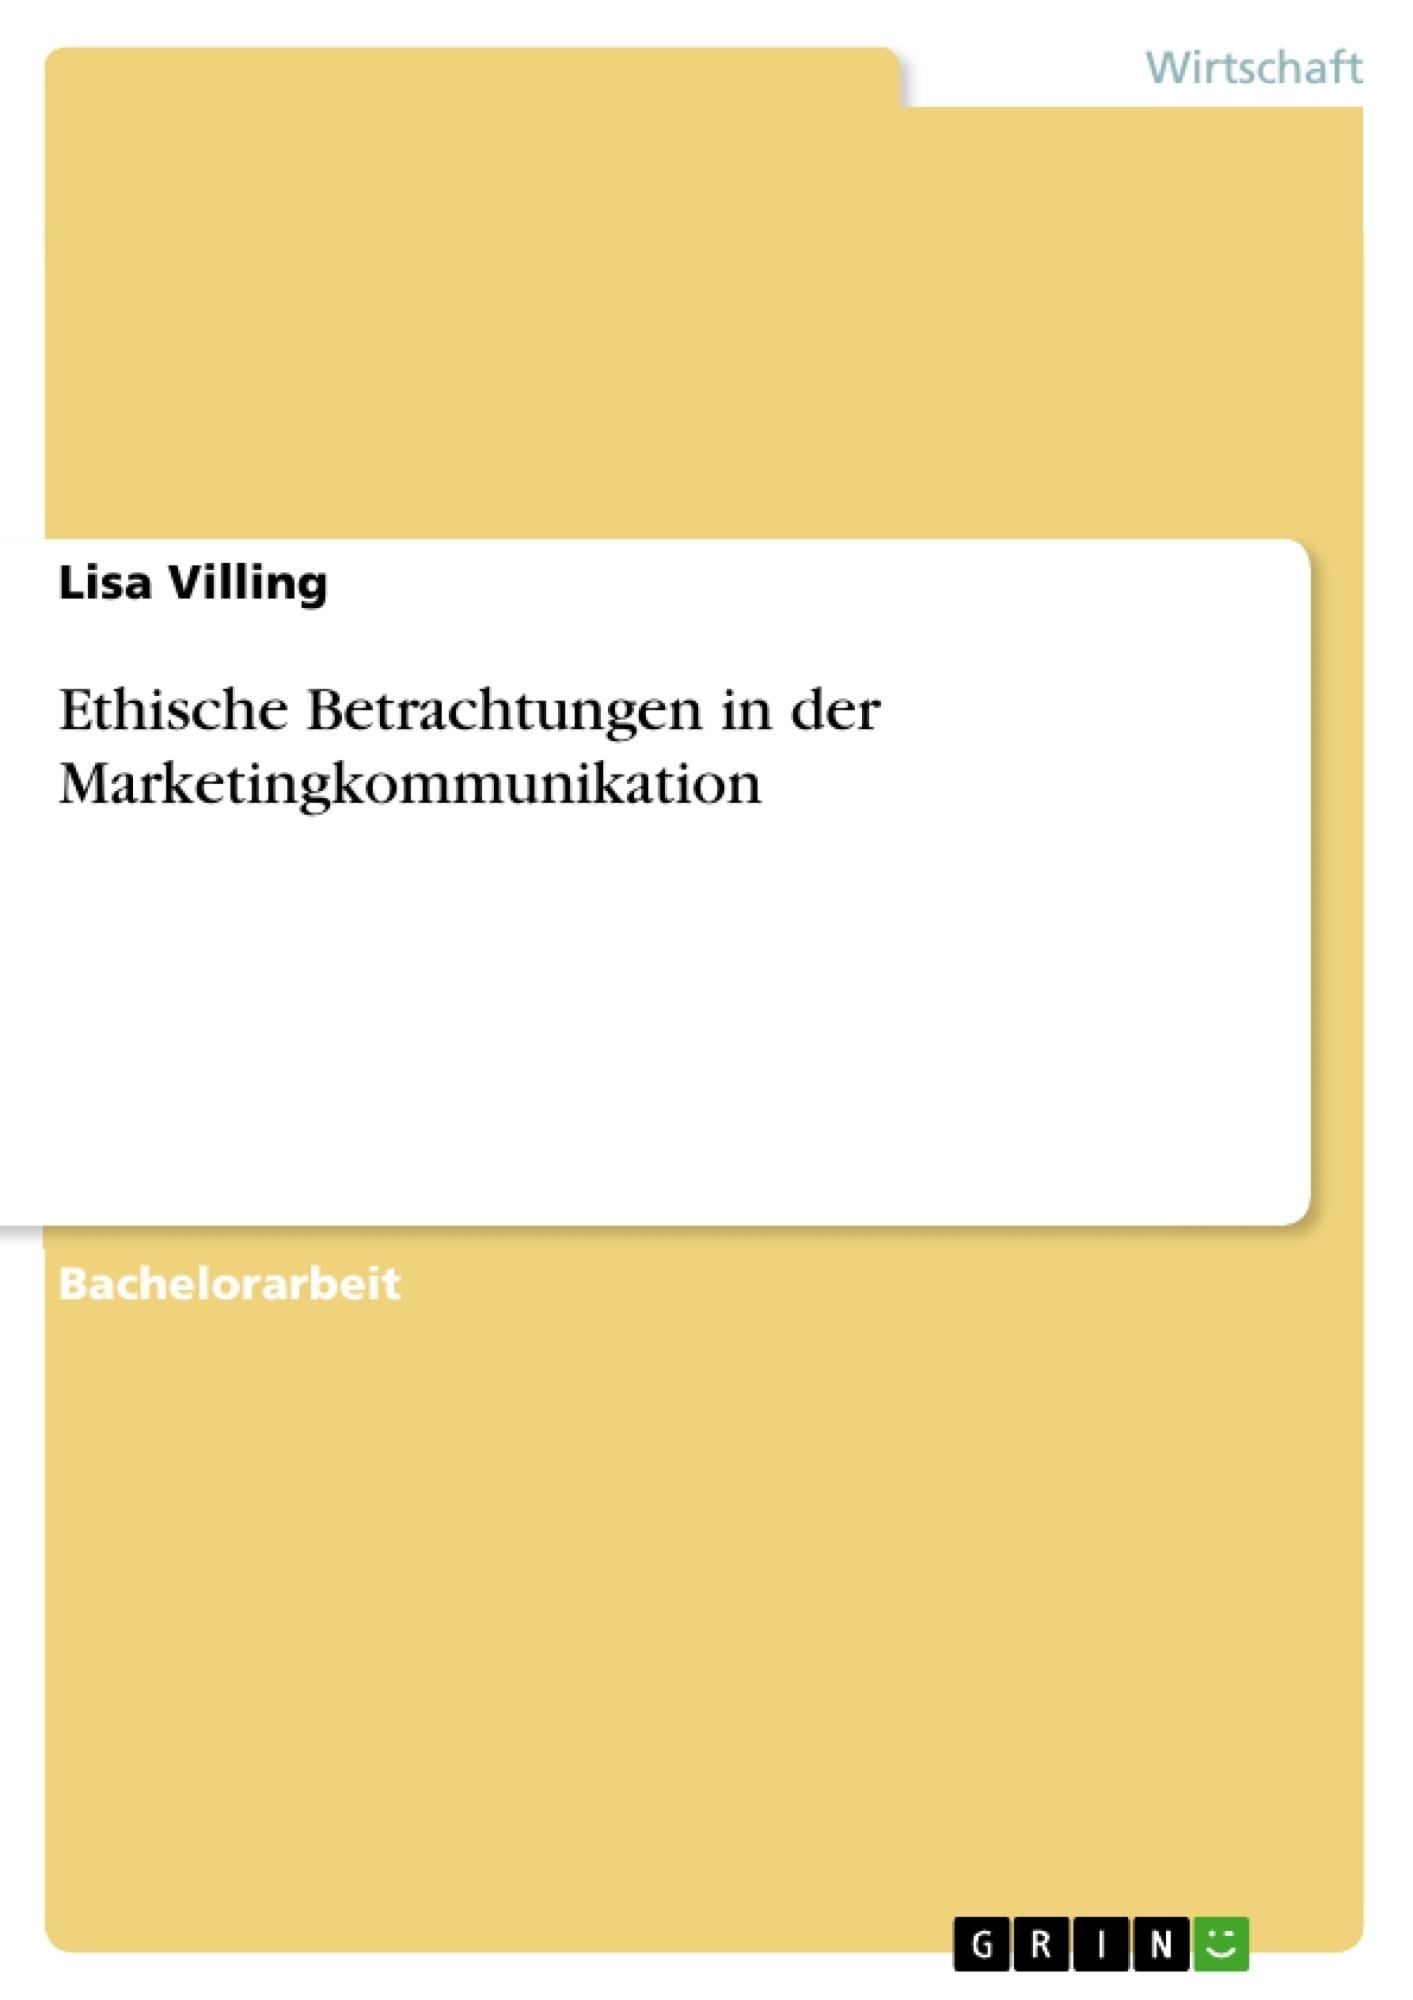 Titel: Ethische Betrachtungen  in der Marketingkommunikation